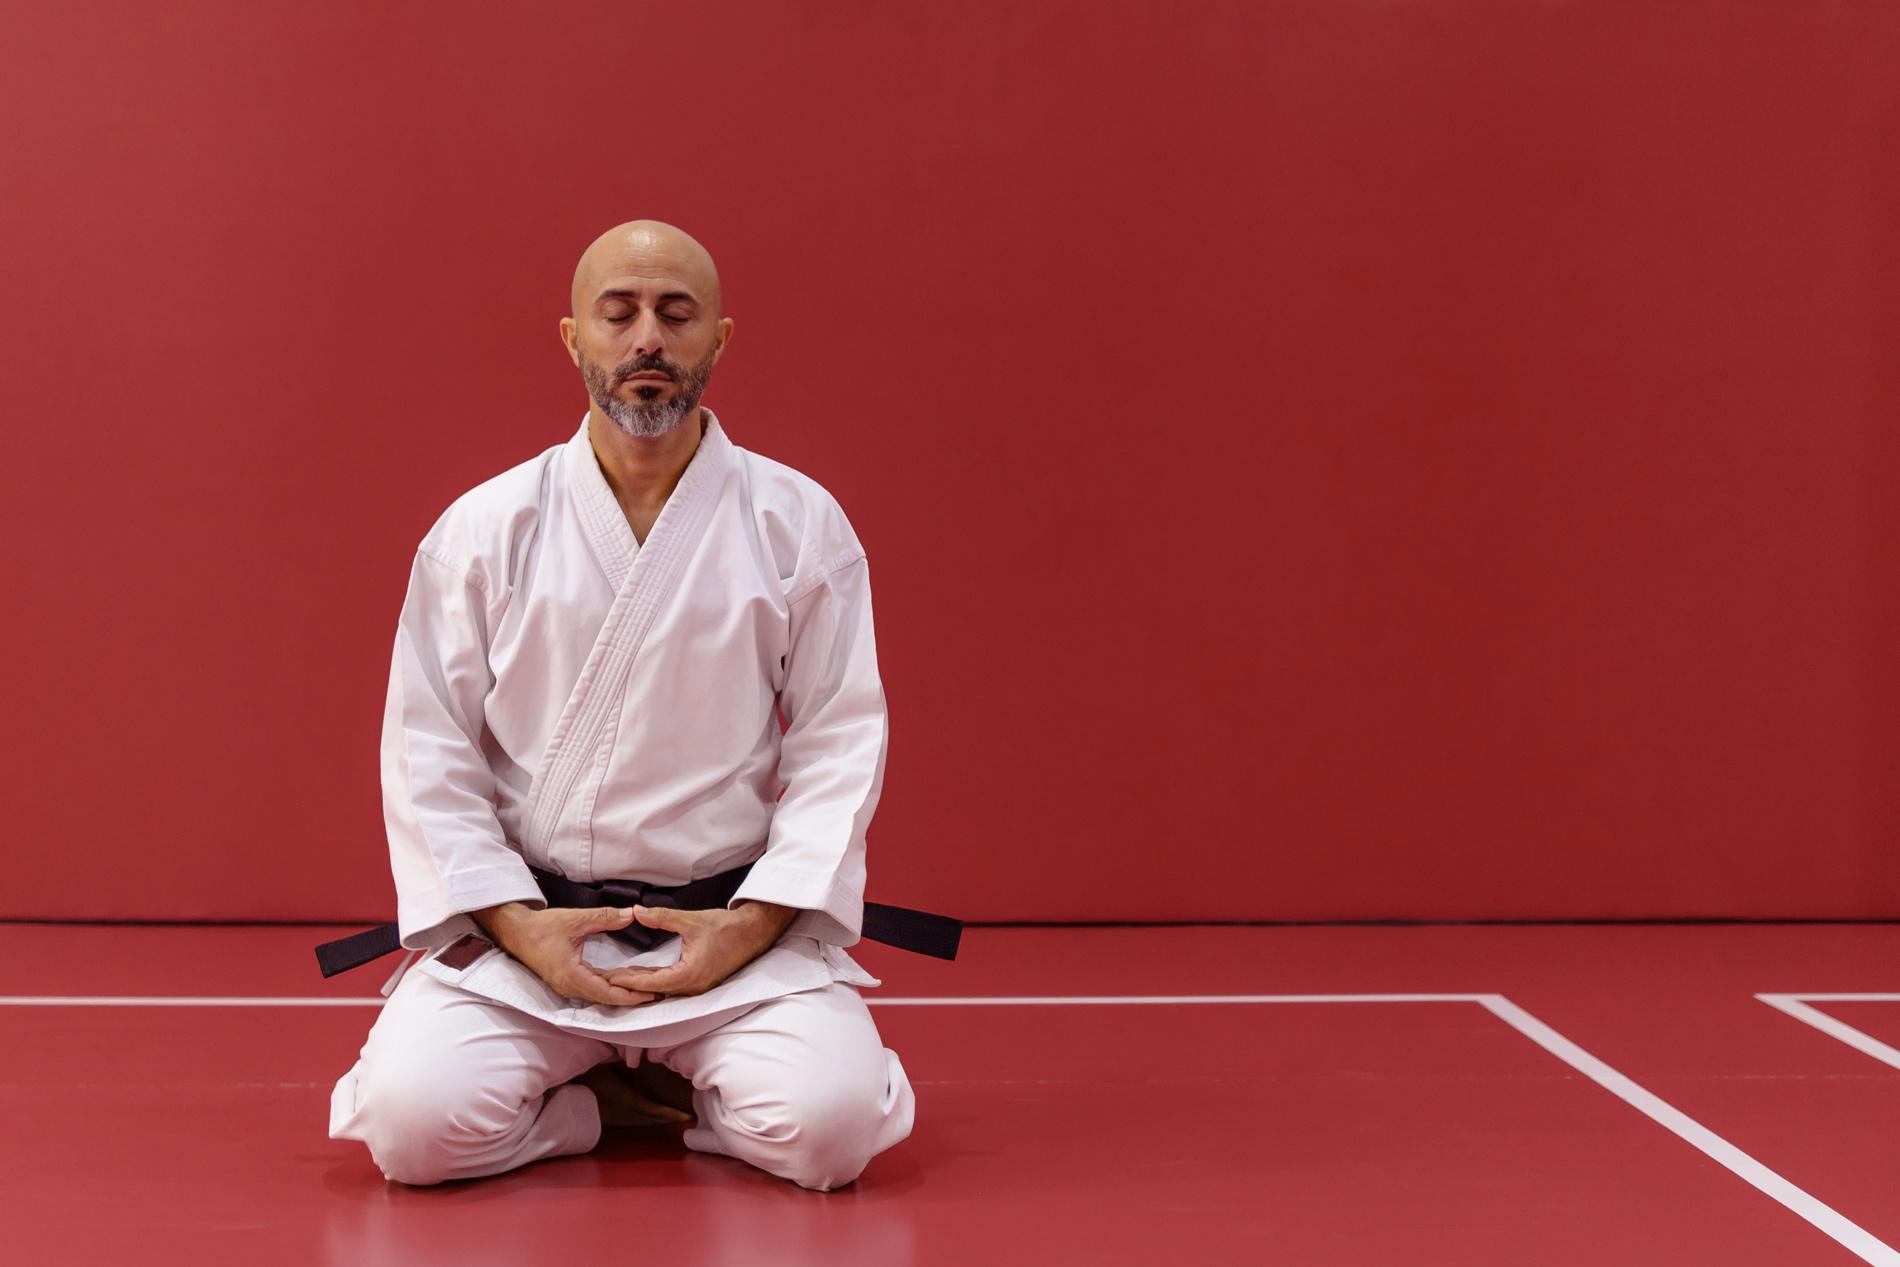 Le yoga: un complément essentiel aux sports de combat